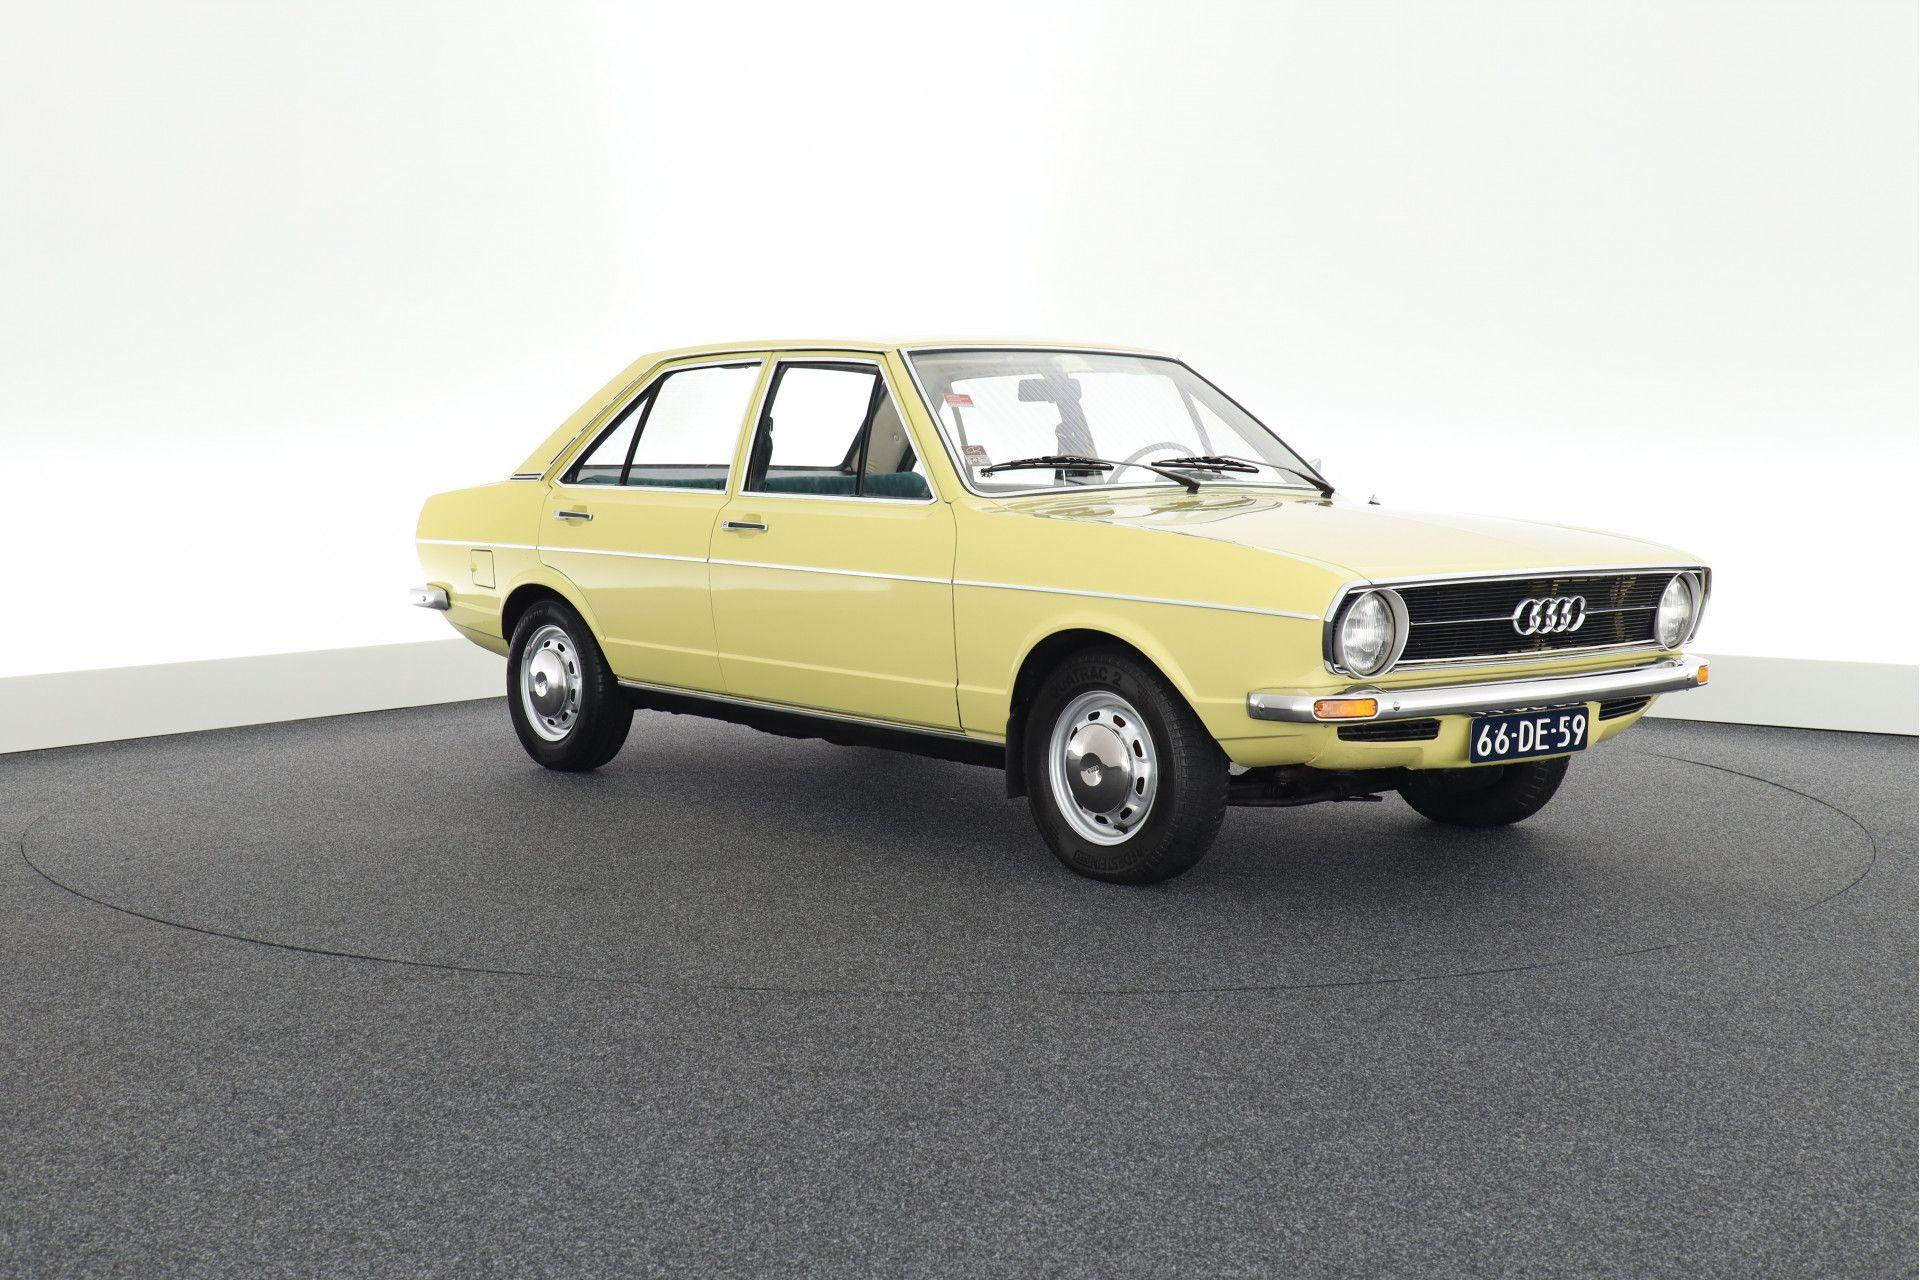 Audi 80 1.3 60pk L Originele NL Auto 1974 - Autobedrijf Martens